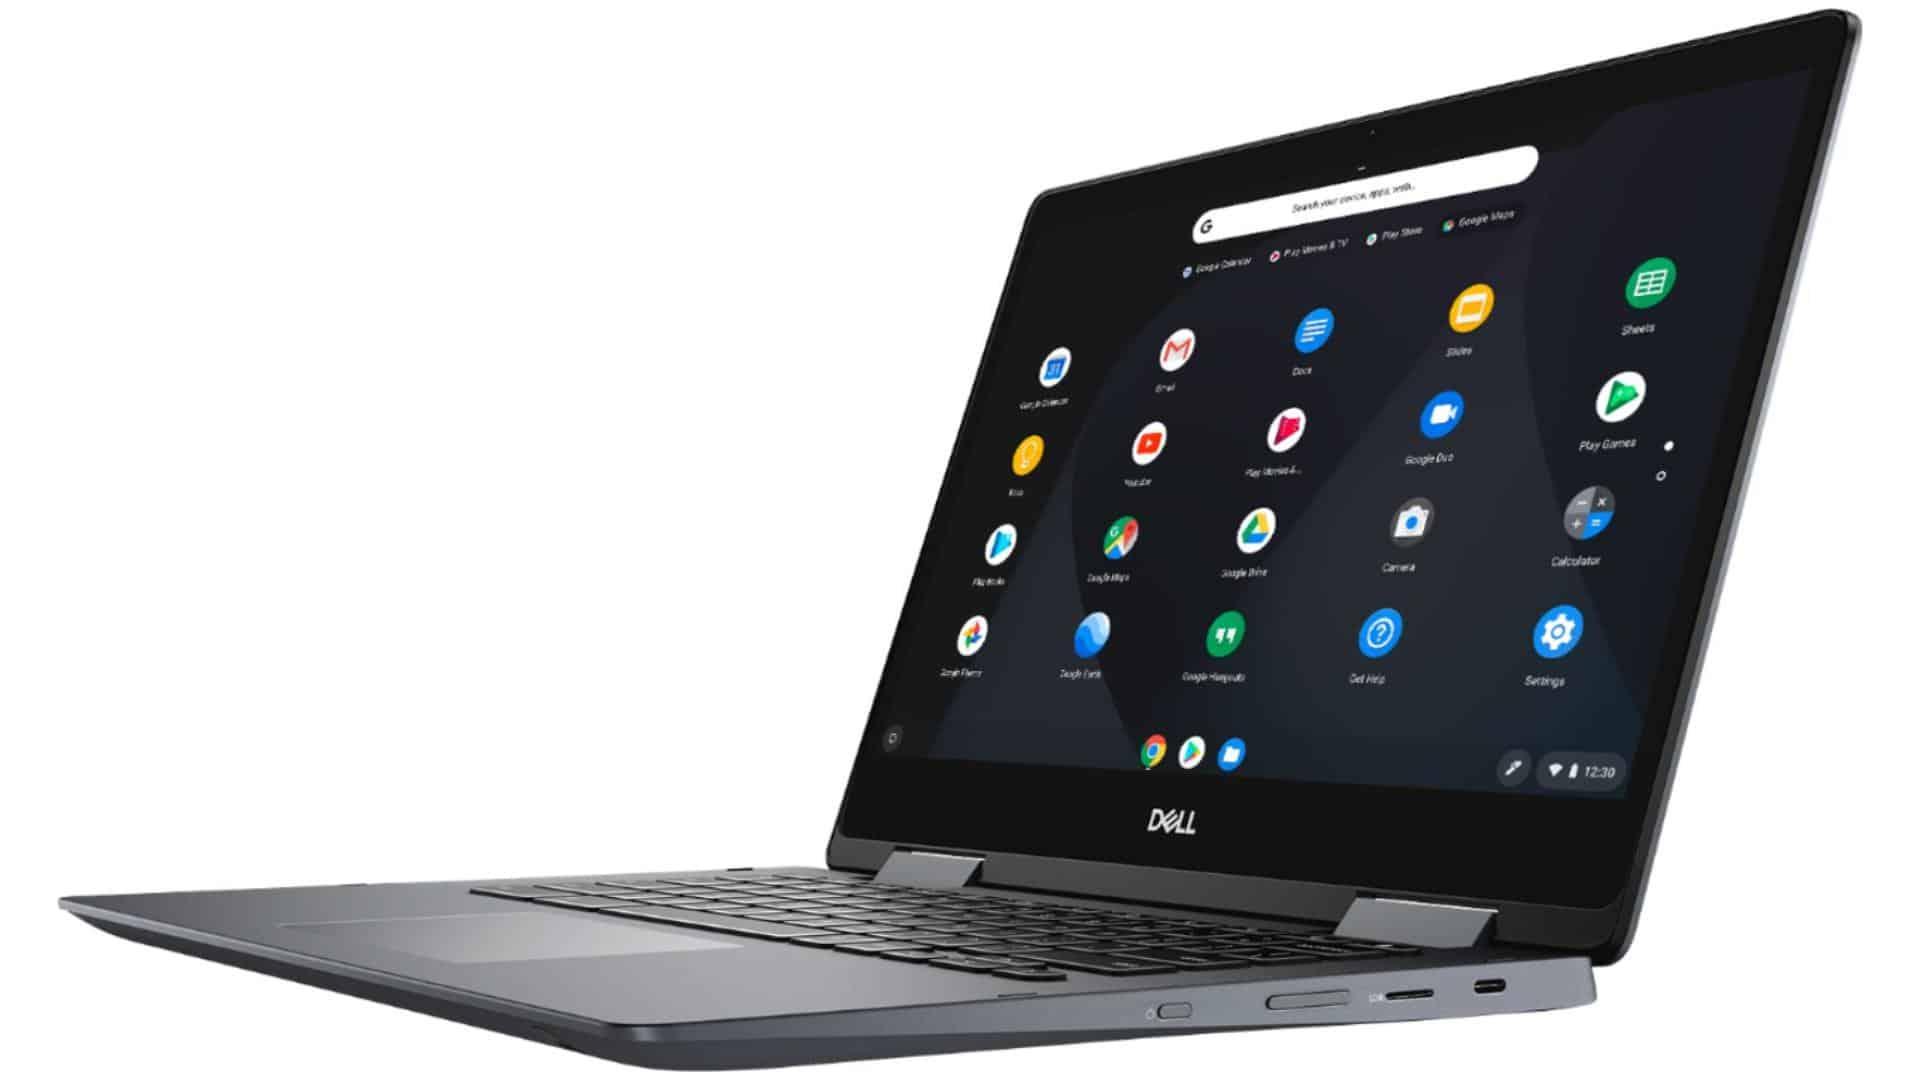 Dell Inspiron Chromebook 14 2 in 1 7486 model presser for best chromebooks students school 2020